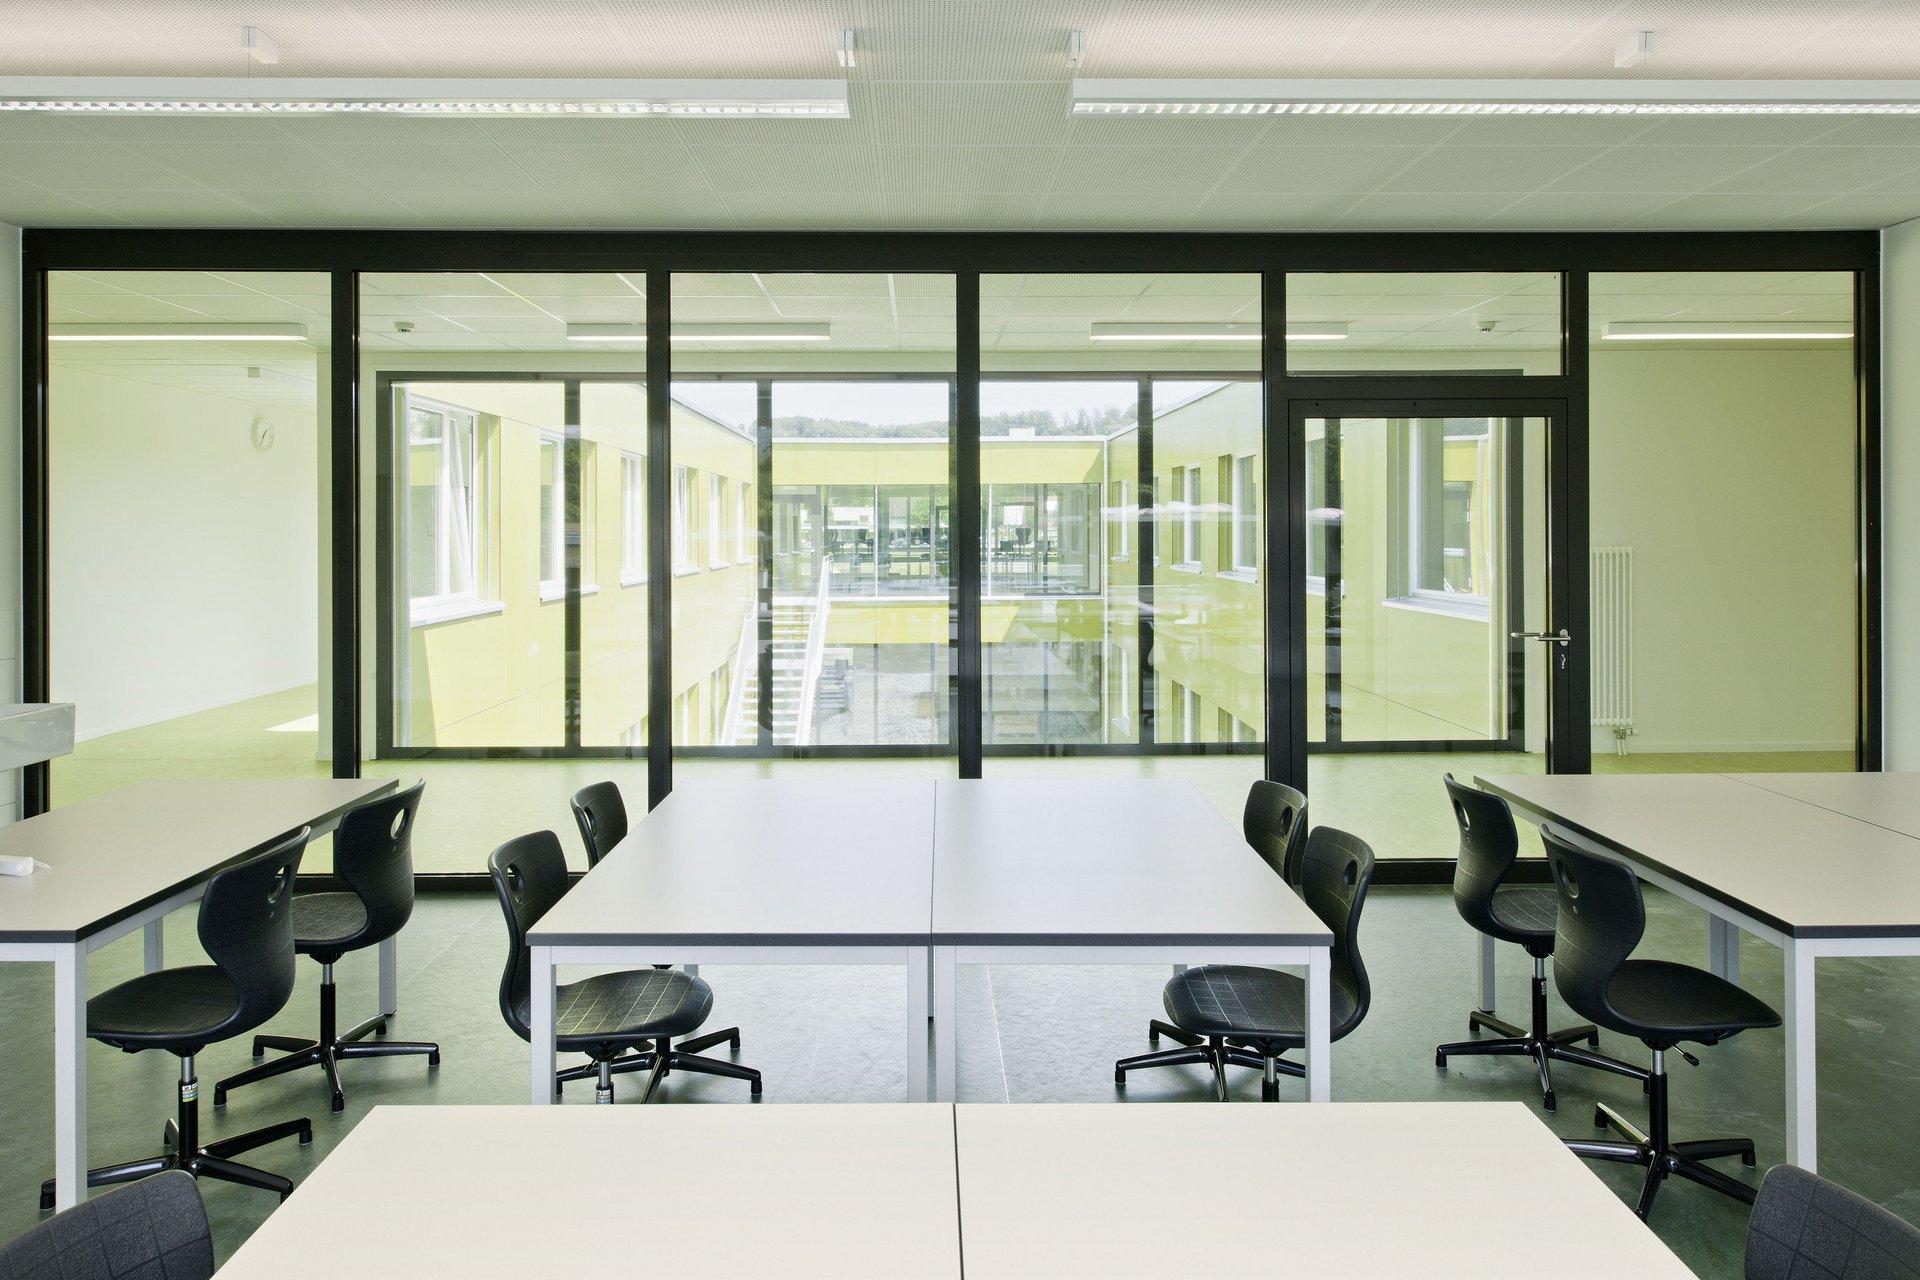 Arbeitsraum im Schulgebäude mit Wand ausschliesslich aus Glas